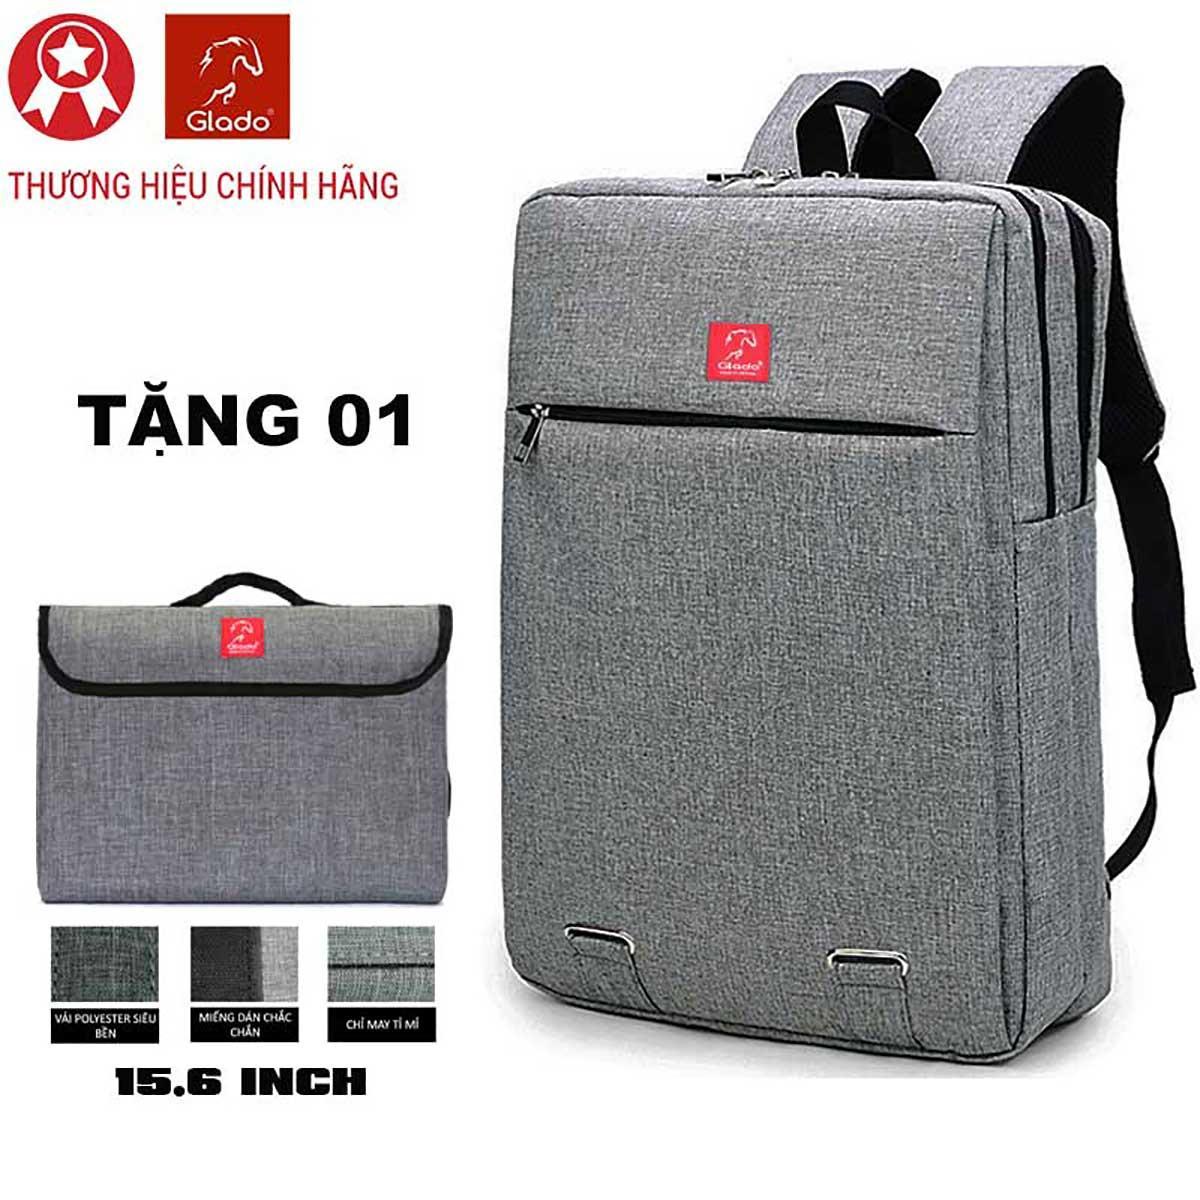 Giá Bán Bọ Balo Laptop Và Túi Chống Sock Laptop Glado Blc007 Xám Hang Phan Phối Chinh Thức Glado Vietnam